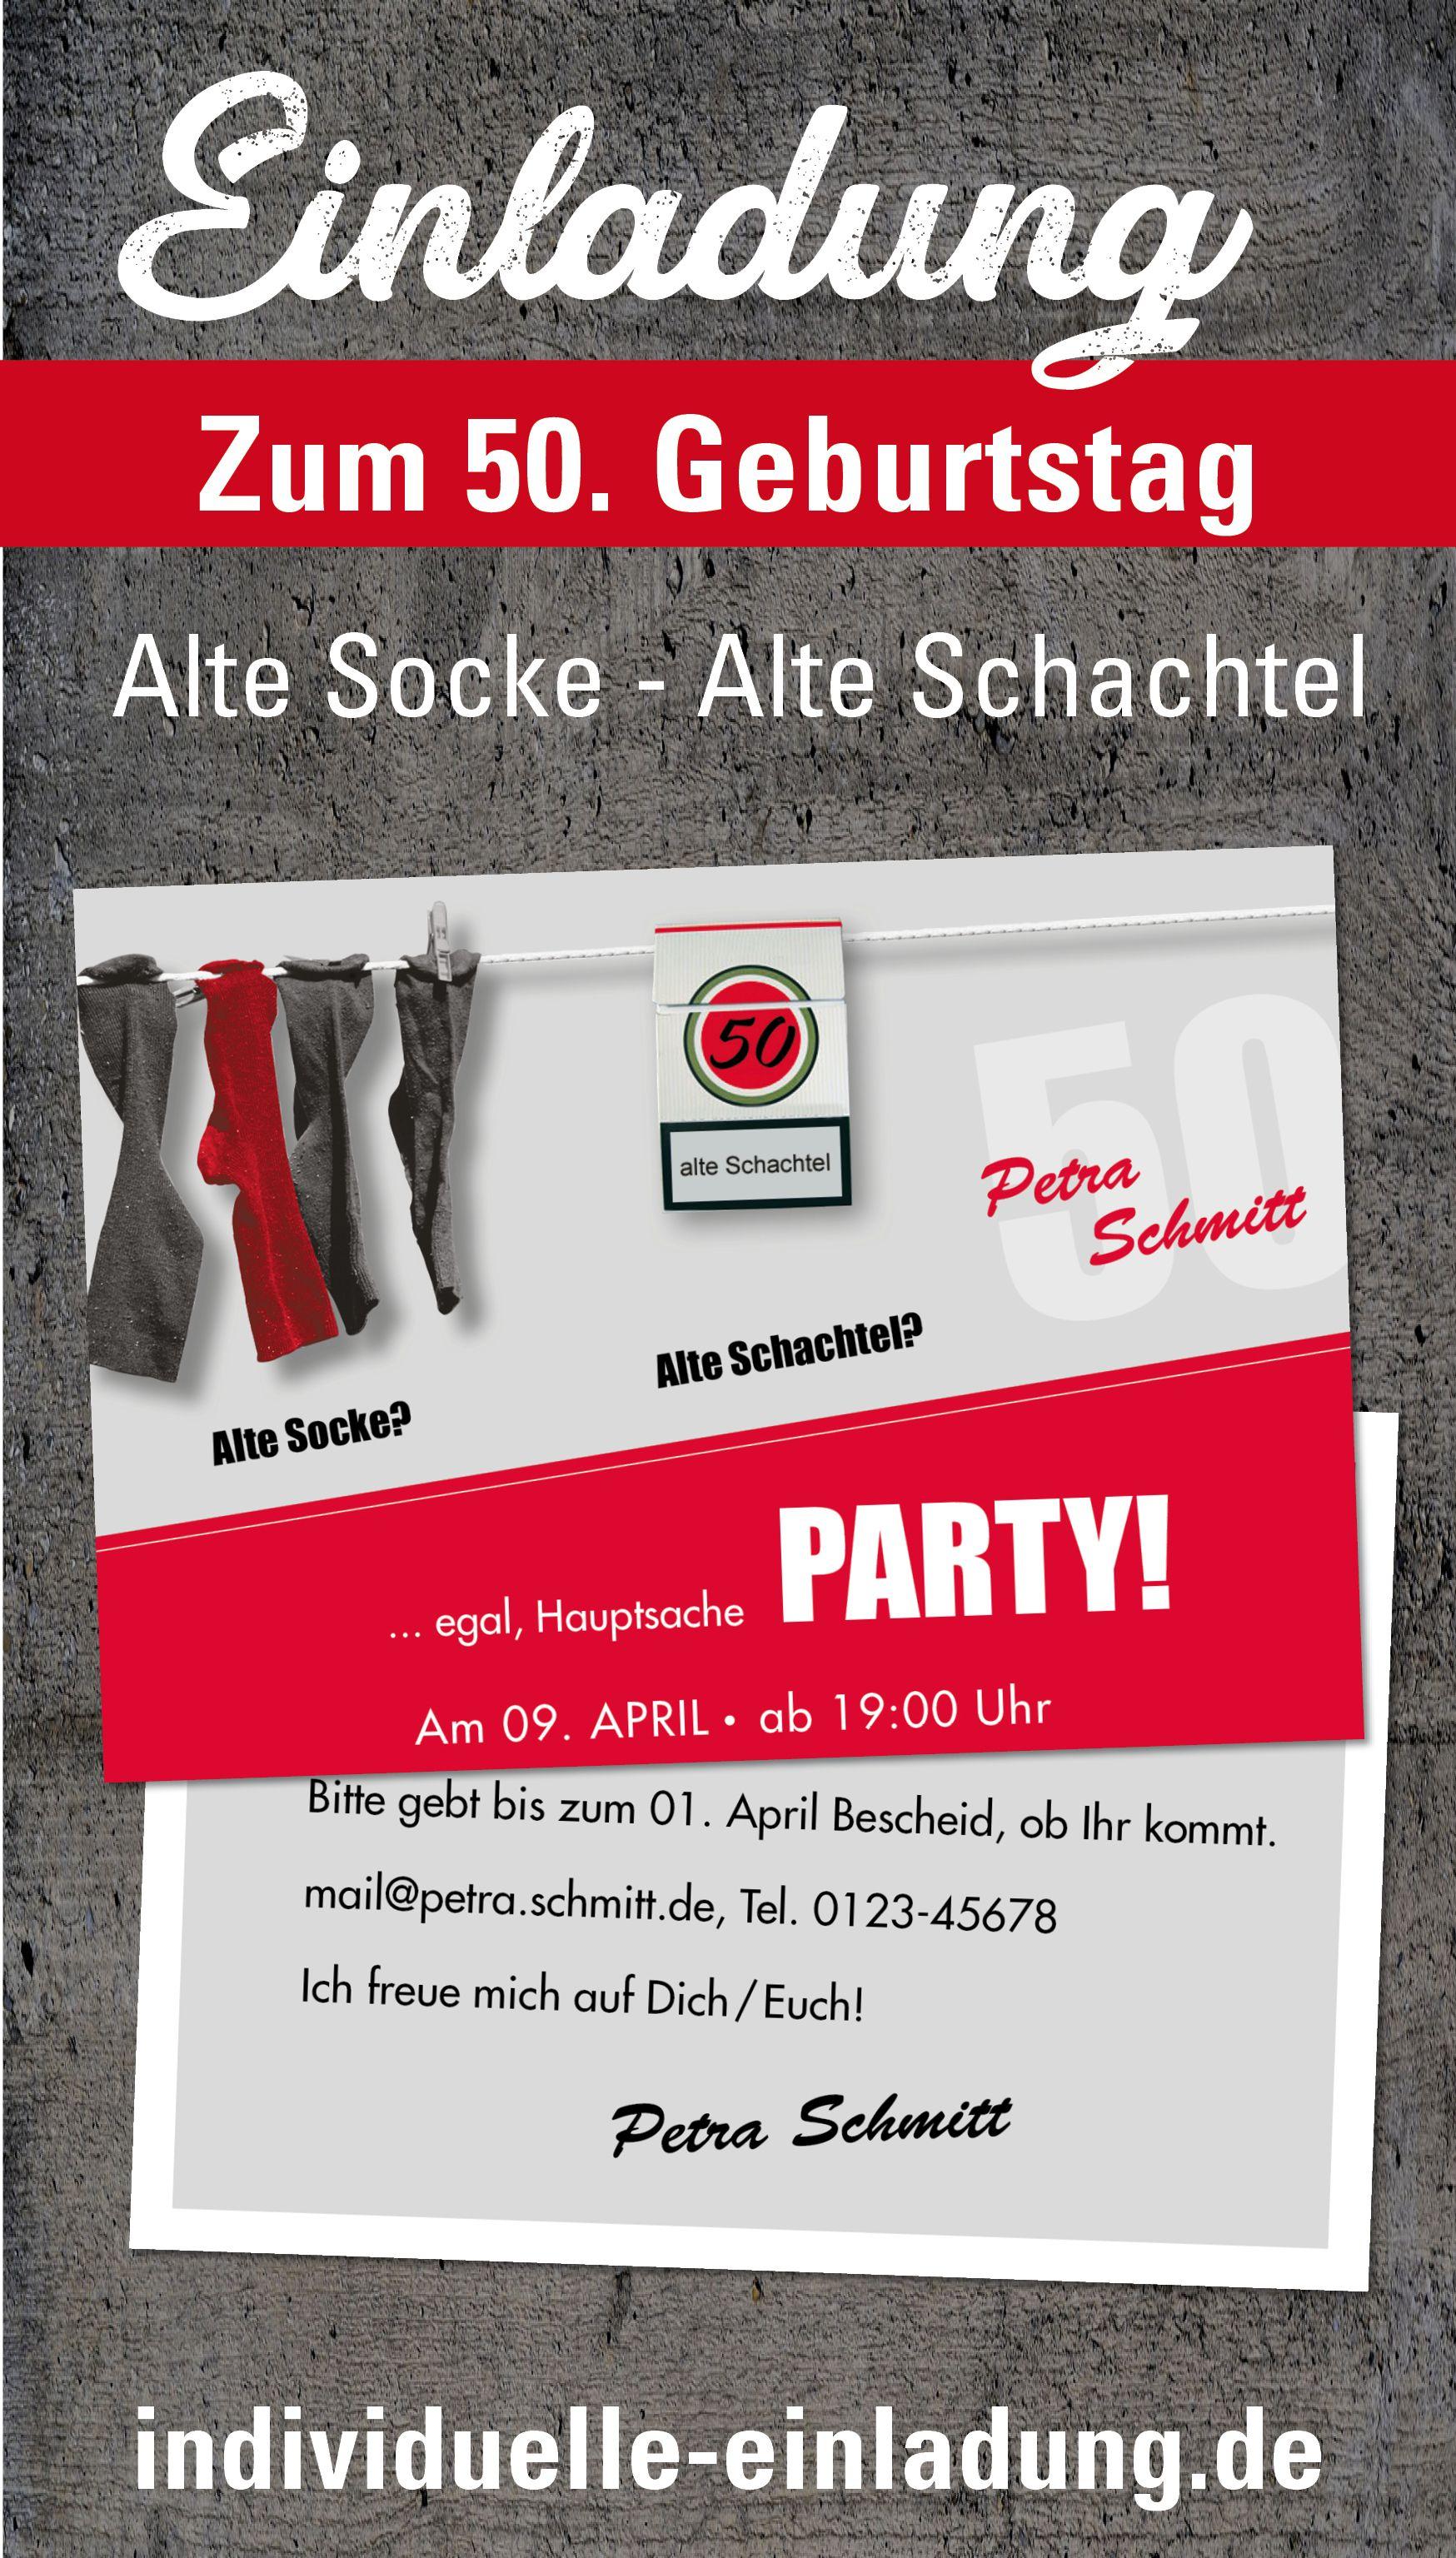 Einladung Zum 50 Geburtstag Alte Socke Alte Schachtel